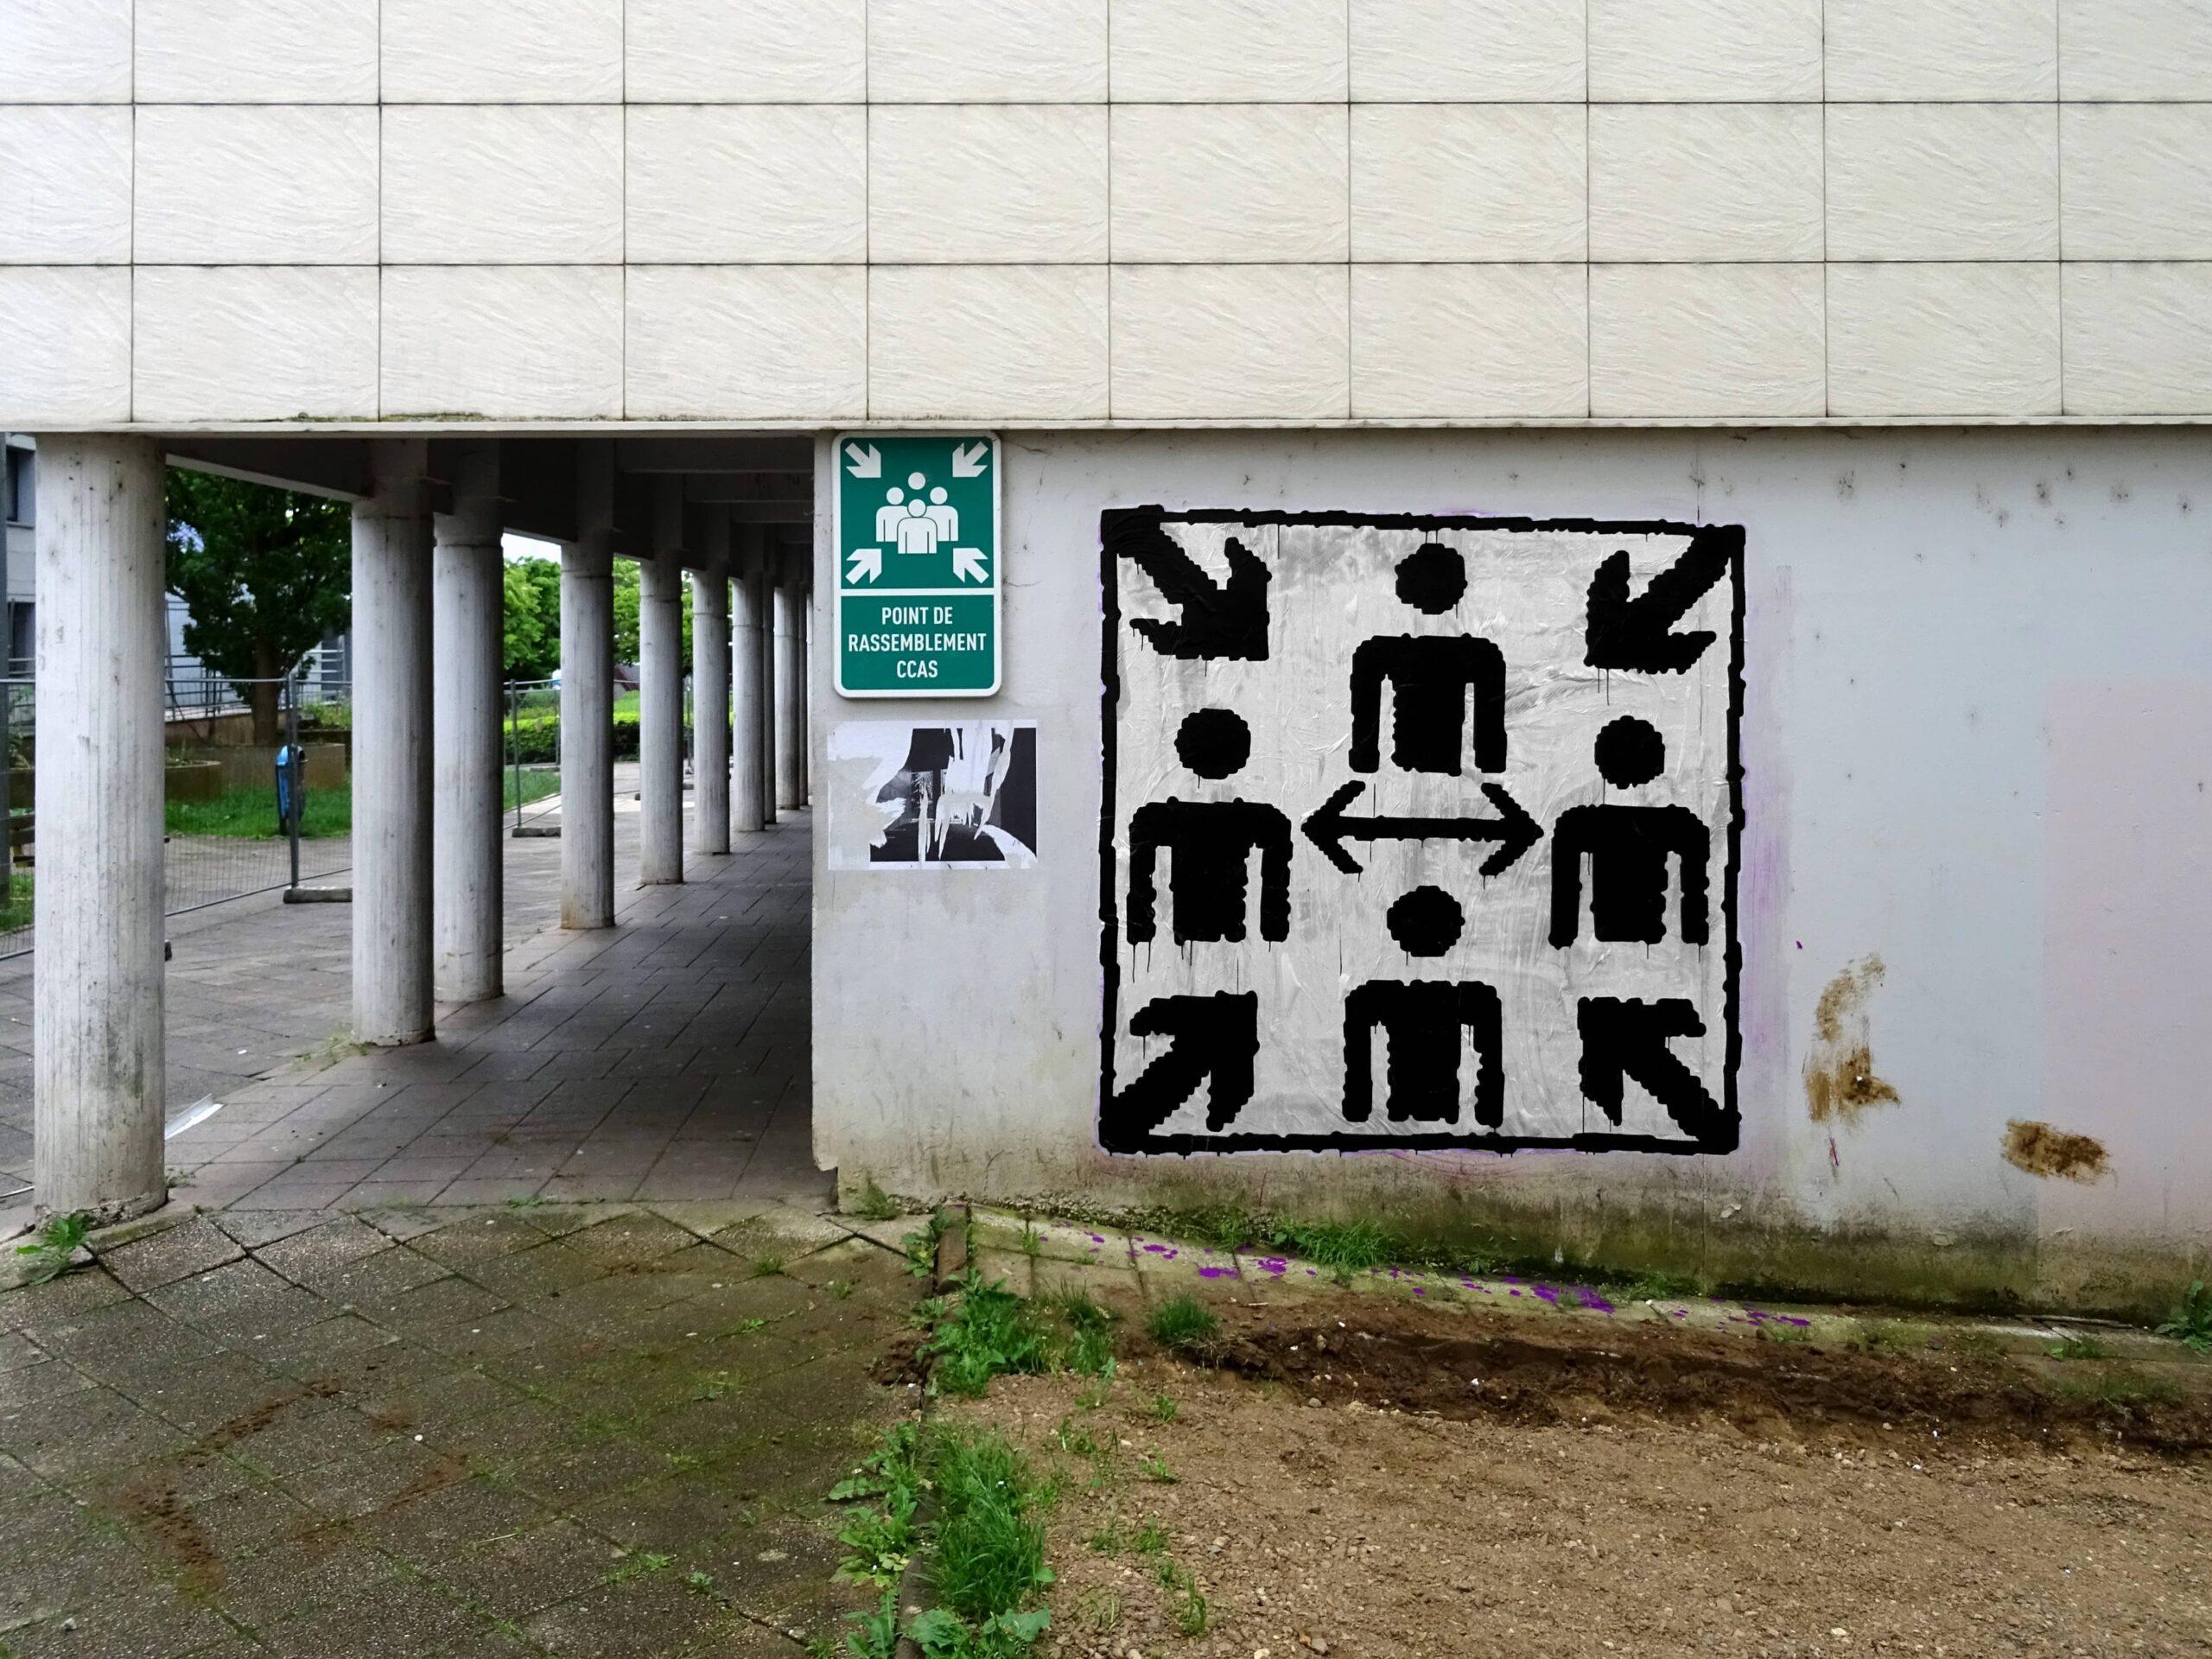 38 Point de rassemblement Planoise Rue Picasso